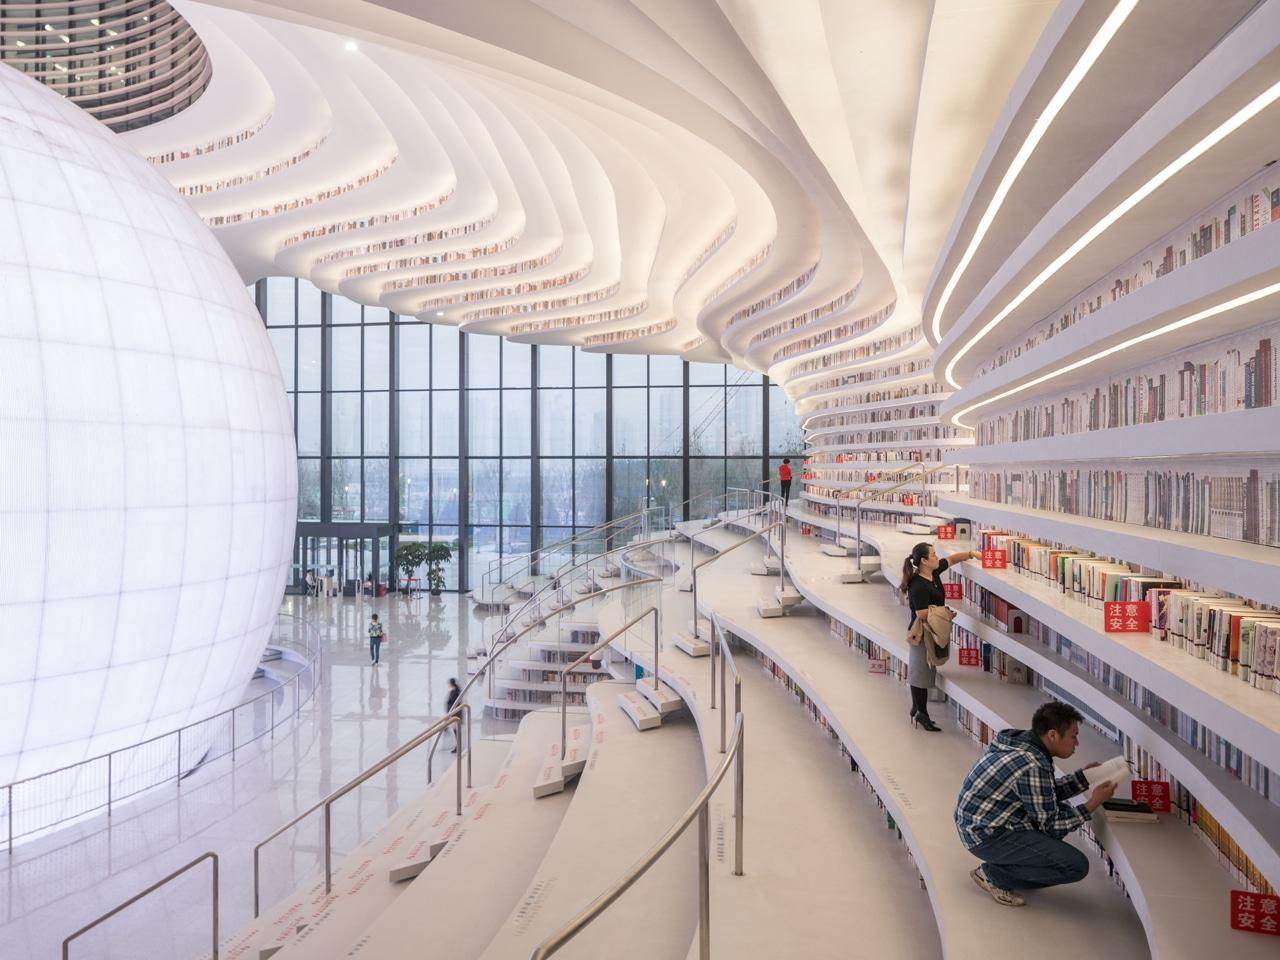 38b_library mvrdv tianjin_Tianjin_Library_∏kiiwan